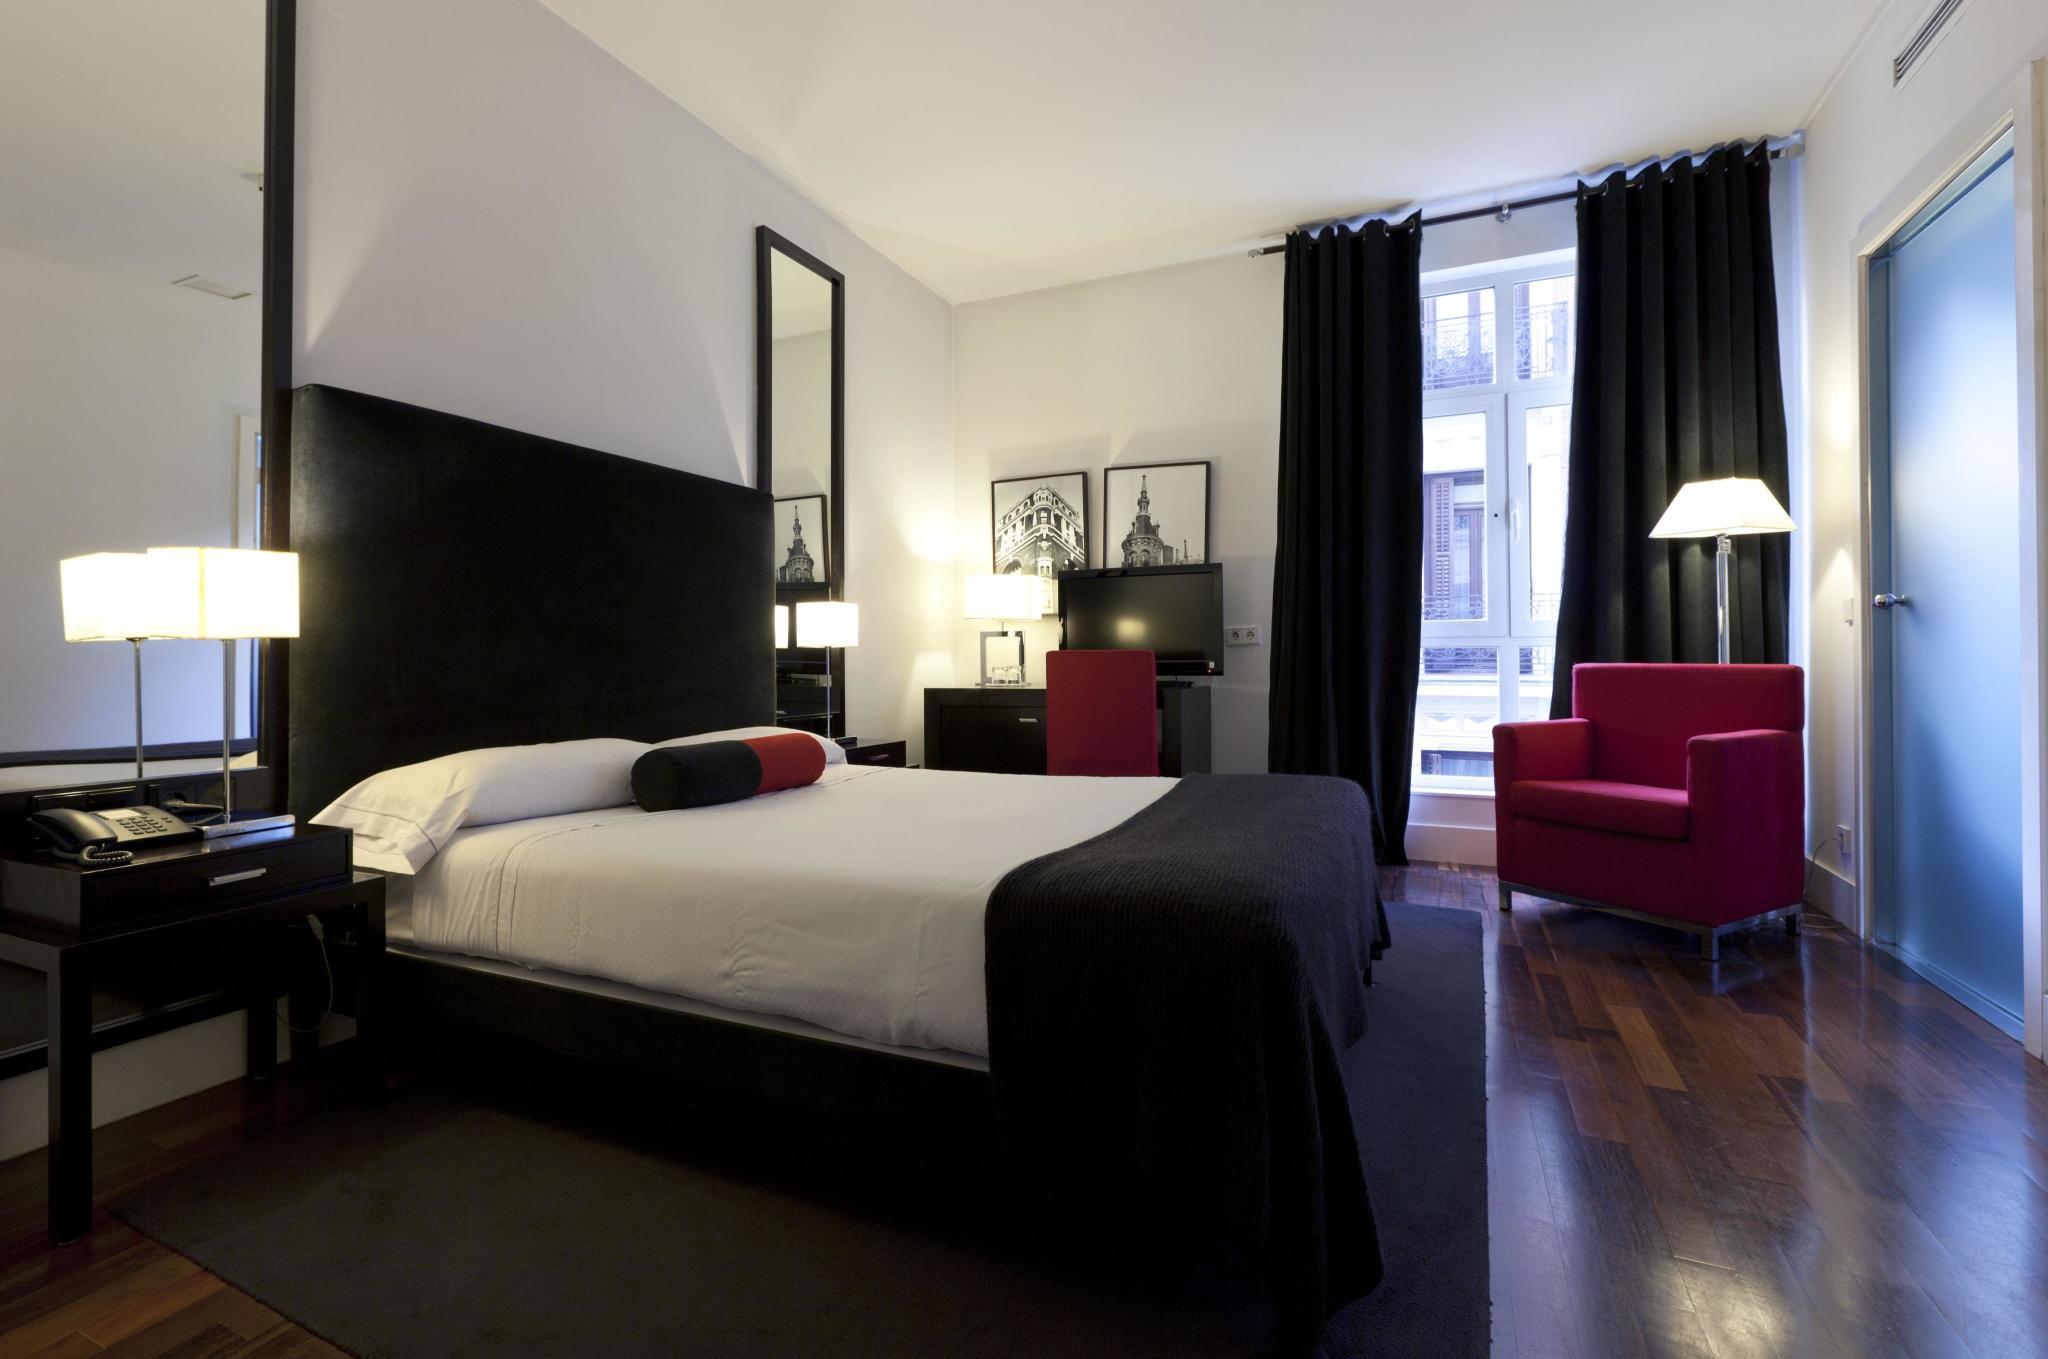 Hotel Quatro Puerta Del Sol